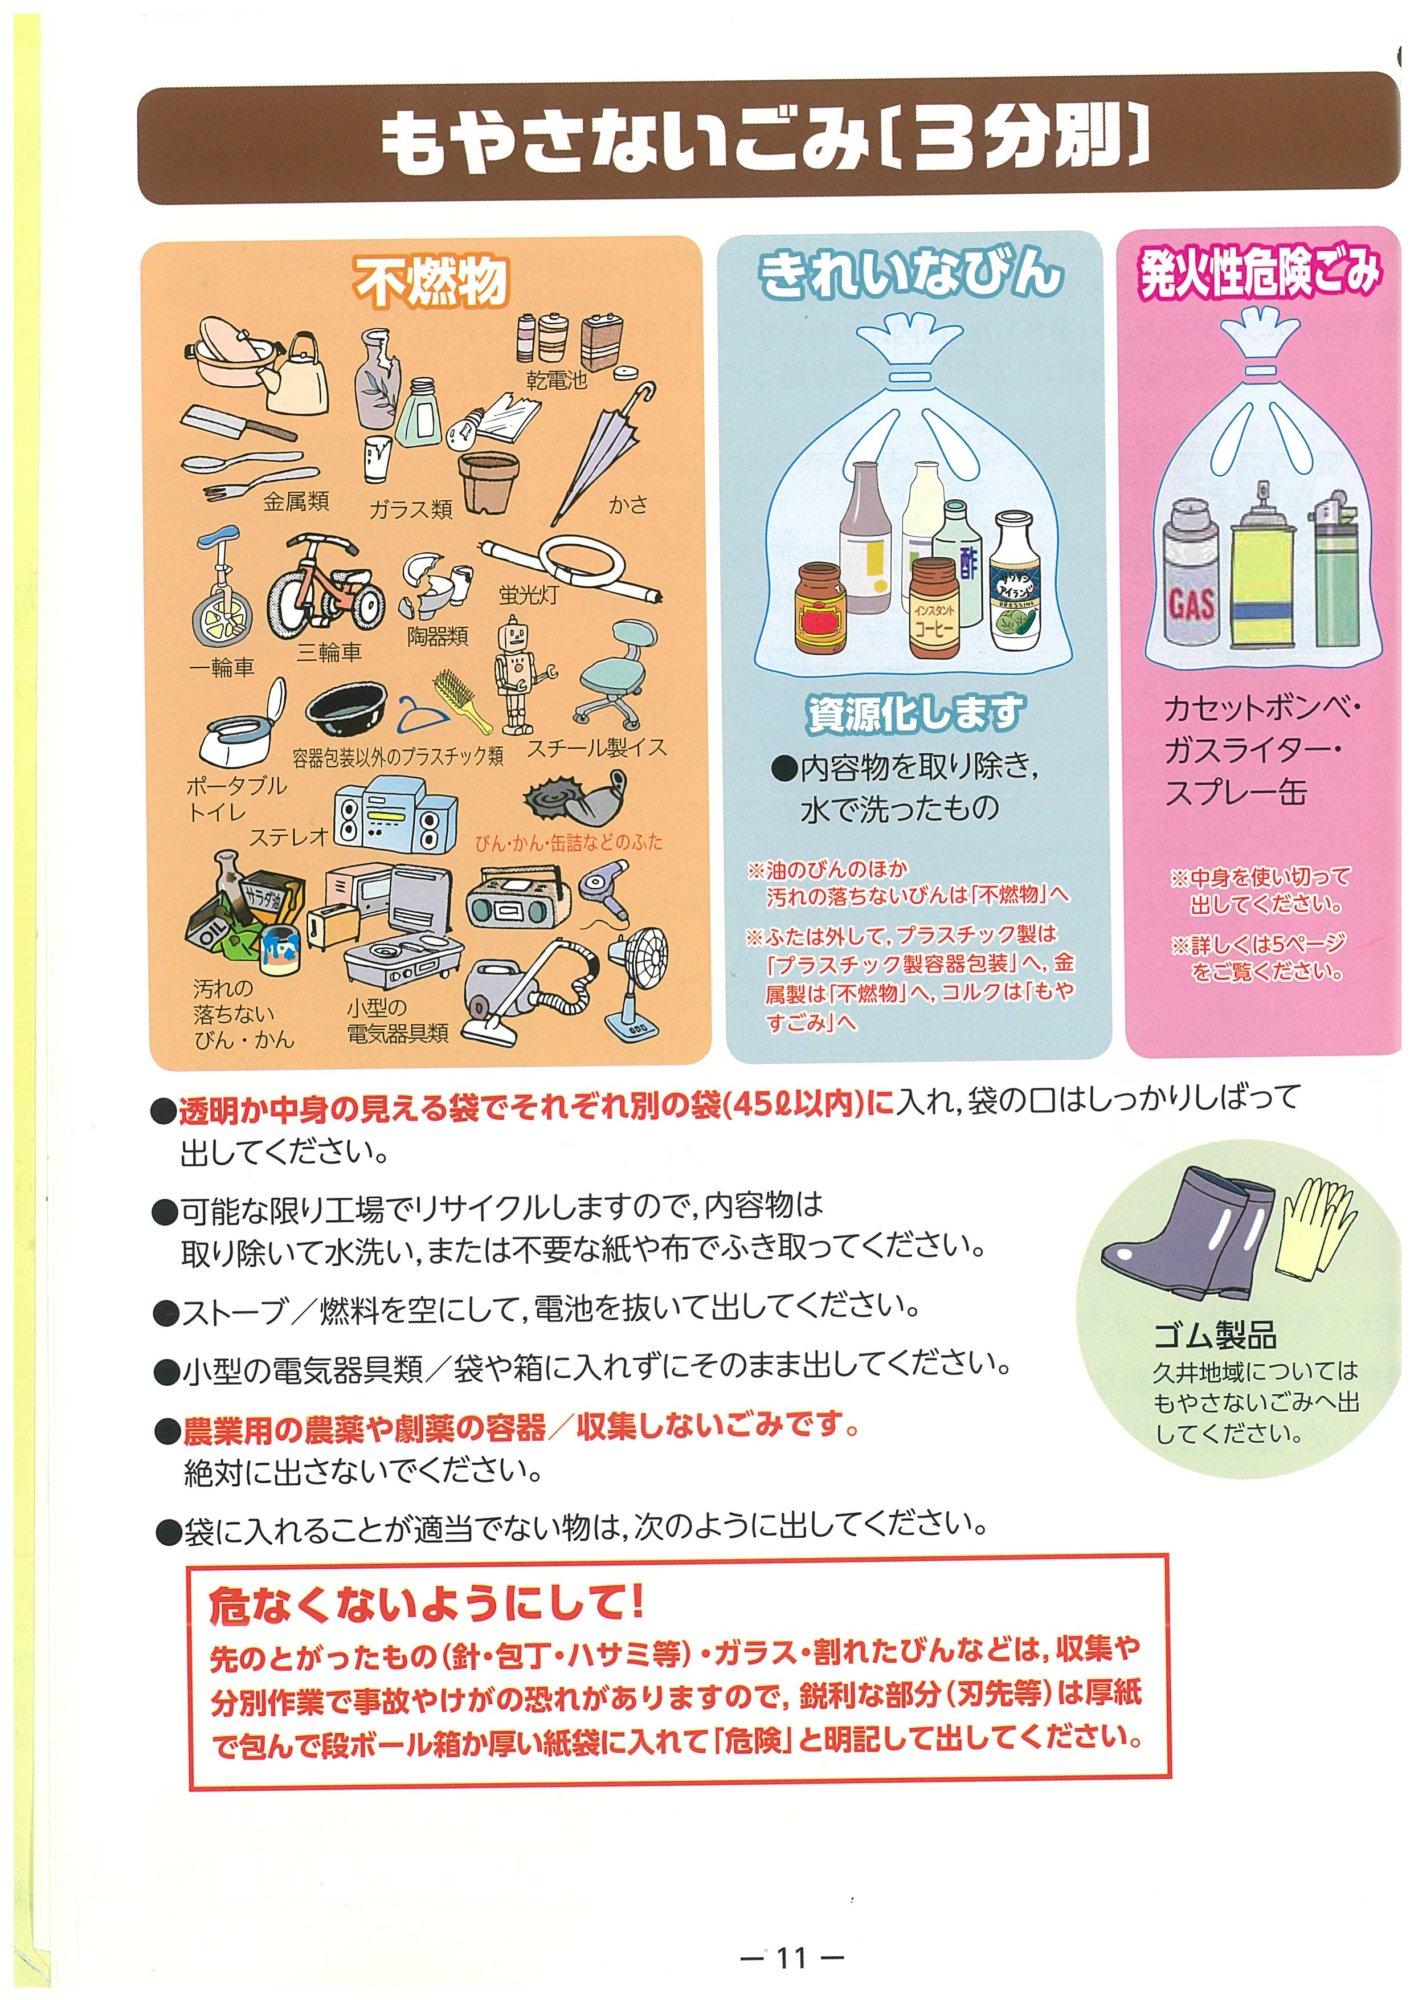 市 ゴミ 分別 広島 広島でおすすめのゴミ回収業者8選!【不用品の処分にお困りの方】